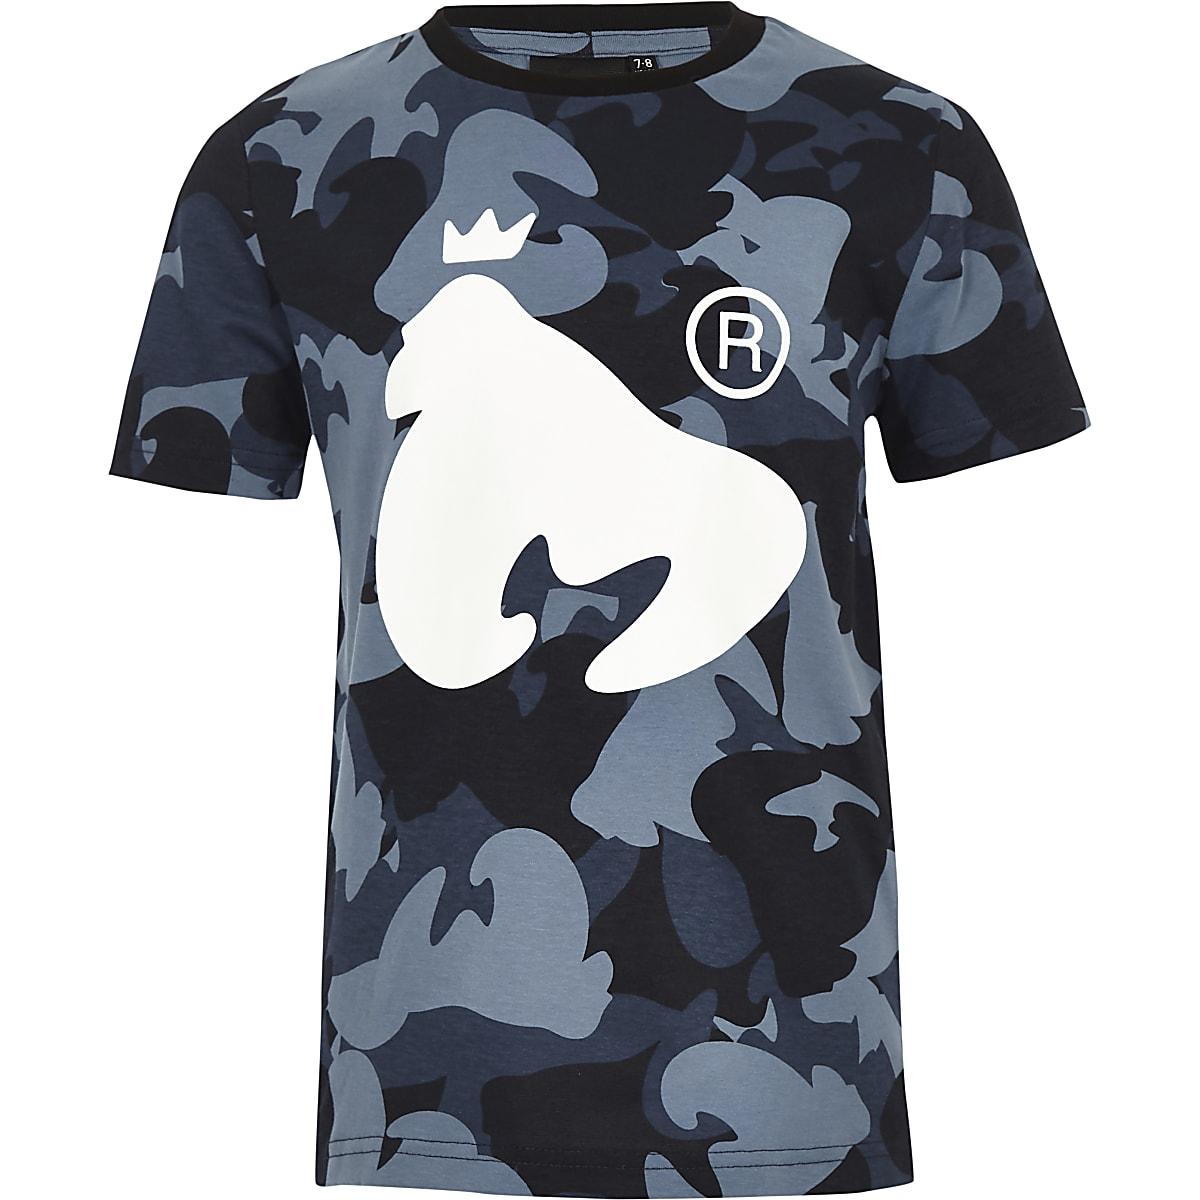 Money Clothing - Marineblauw T-shirt met camouflageprint voor jongens